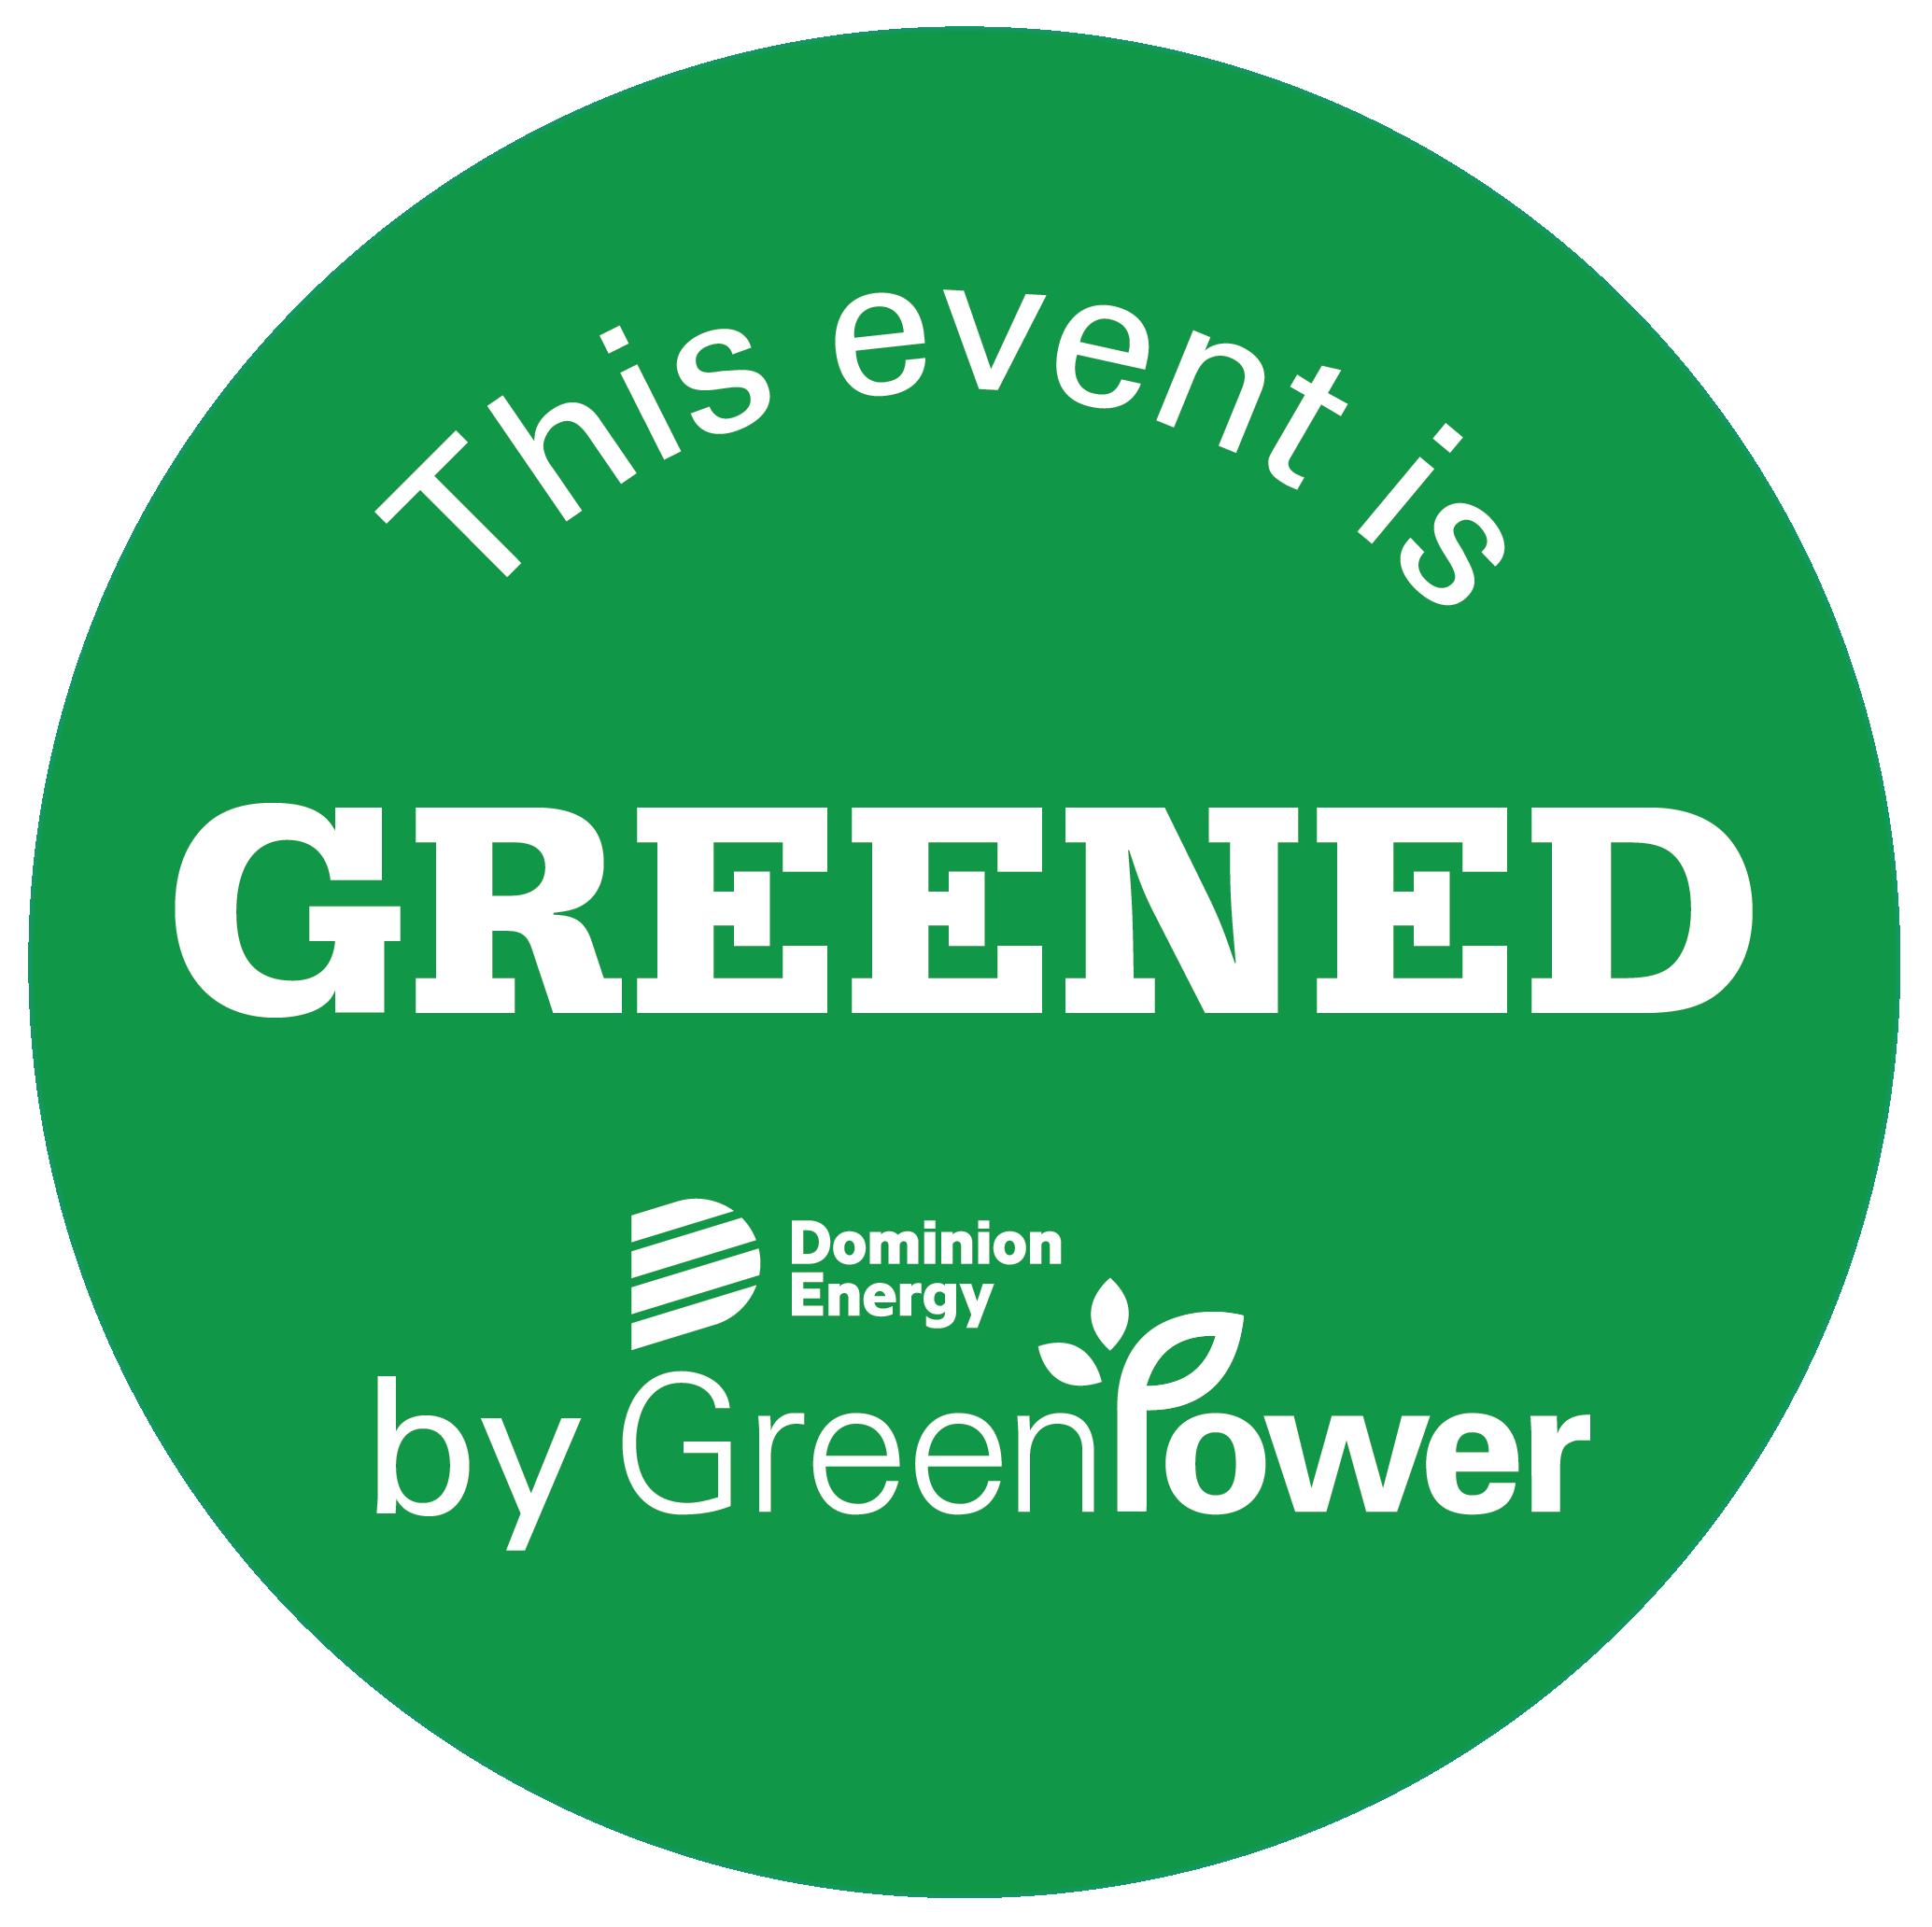 DVP_GreeningIcon_2018_032718-green.png